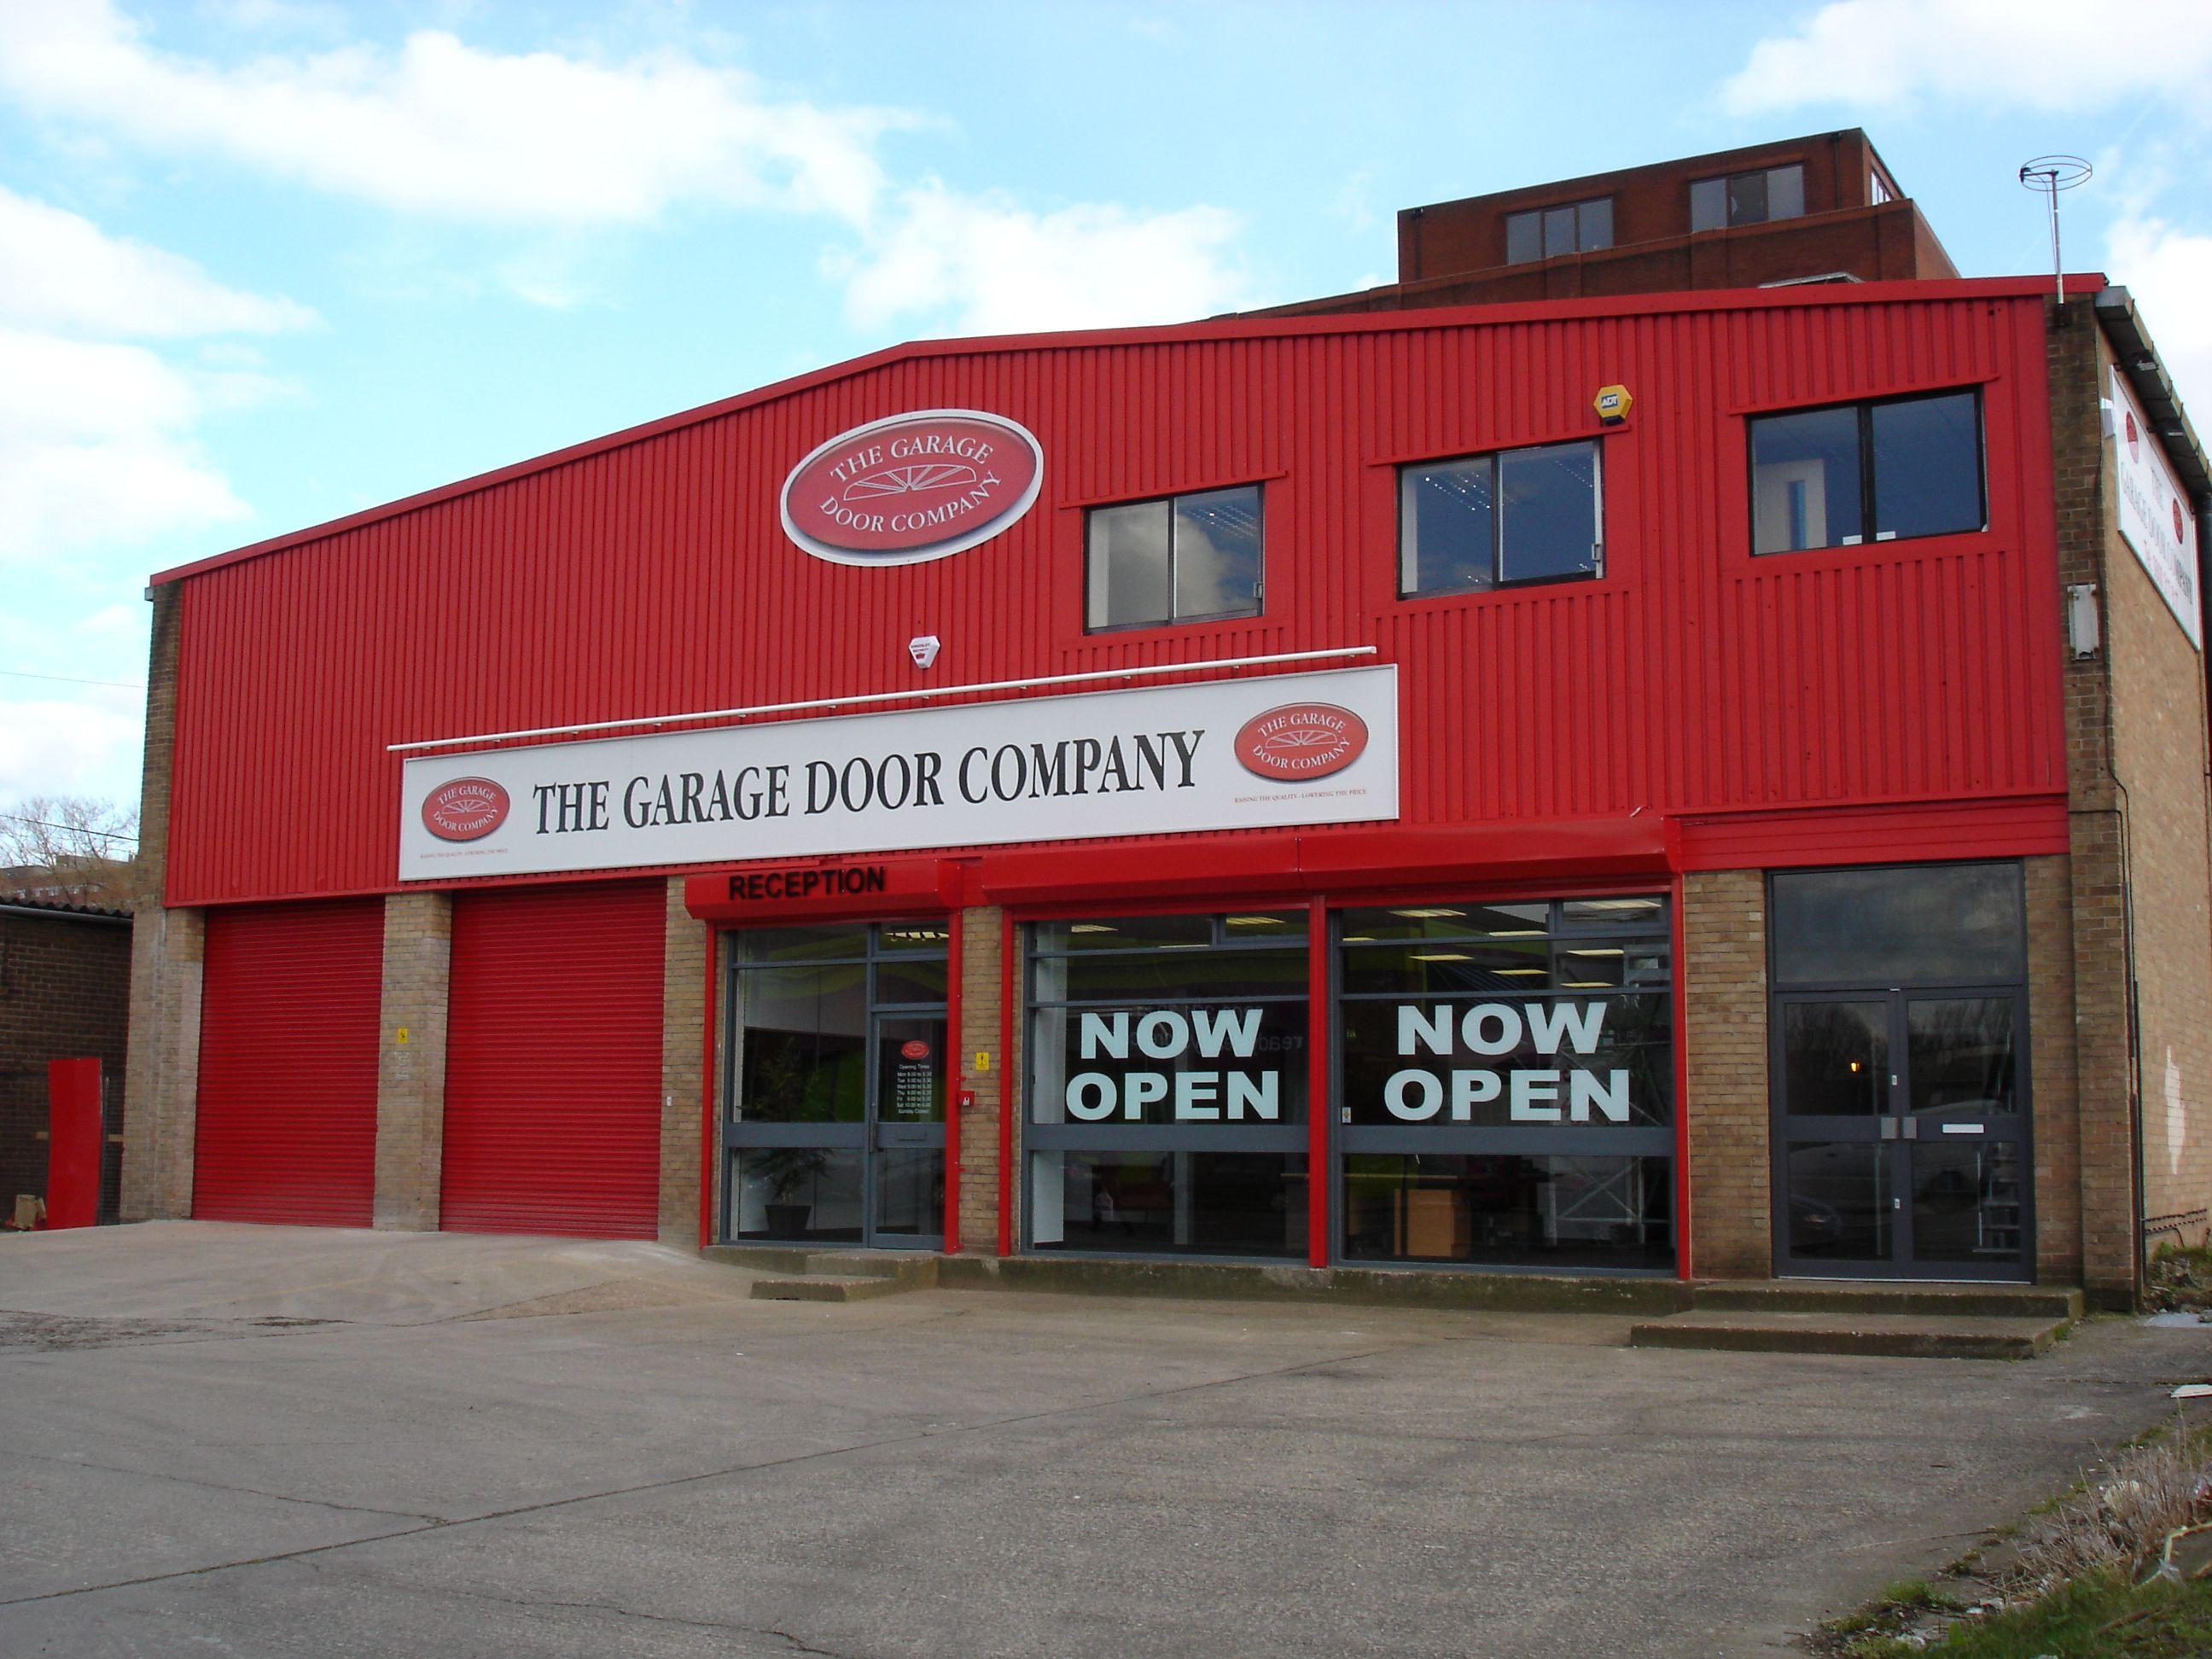 The Garage Door Company Leeds Showroom The Garage Door Company